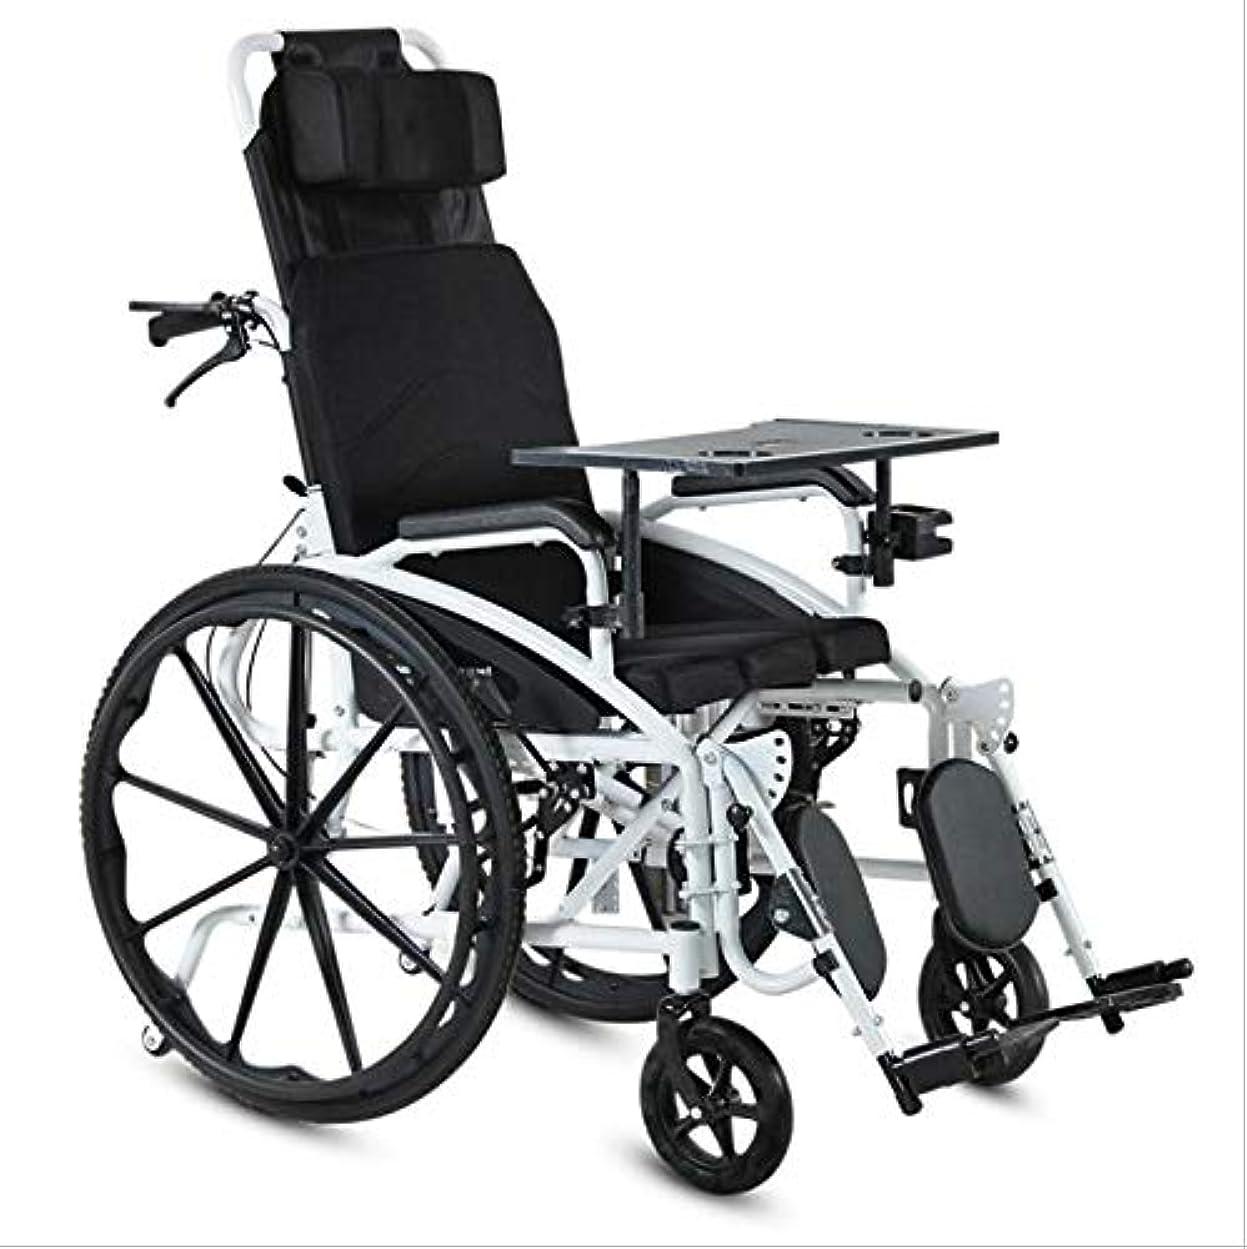 あいまいな窒素子犬デラックス車椅子昇降脚休符デスクの長腕休符パッド入りナイロンシート